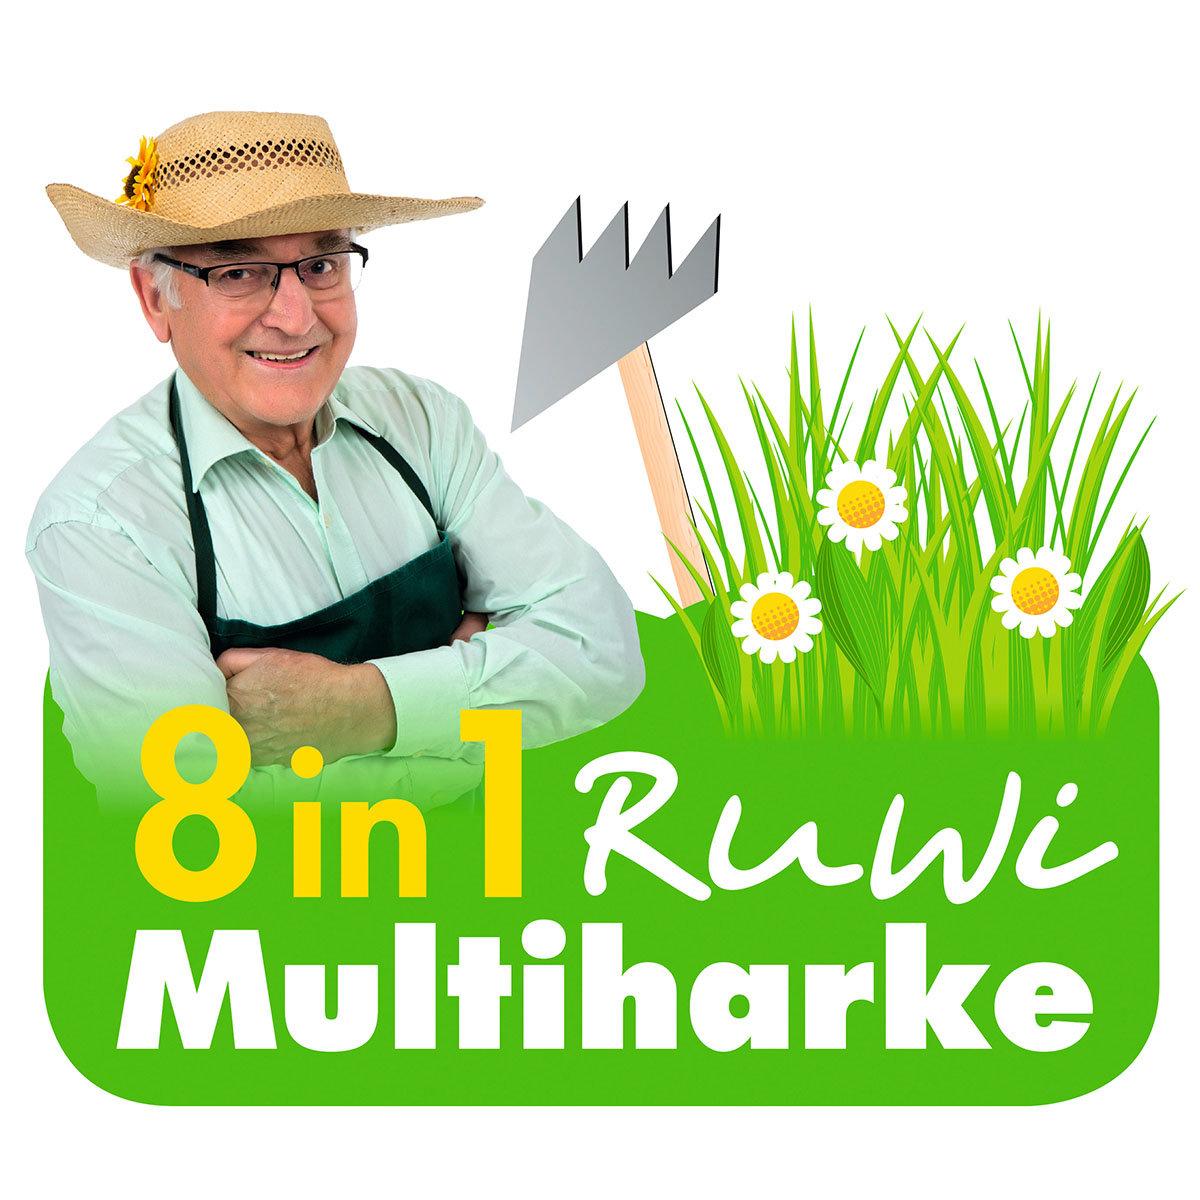 Ruwi Gartenharke 8 in 1, Edelstahl | #8